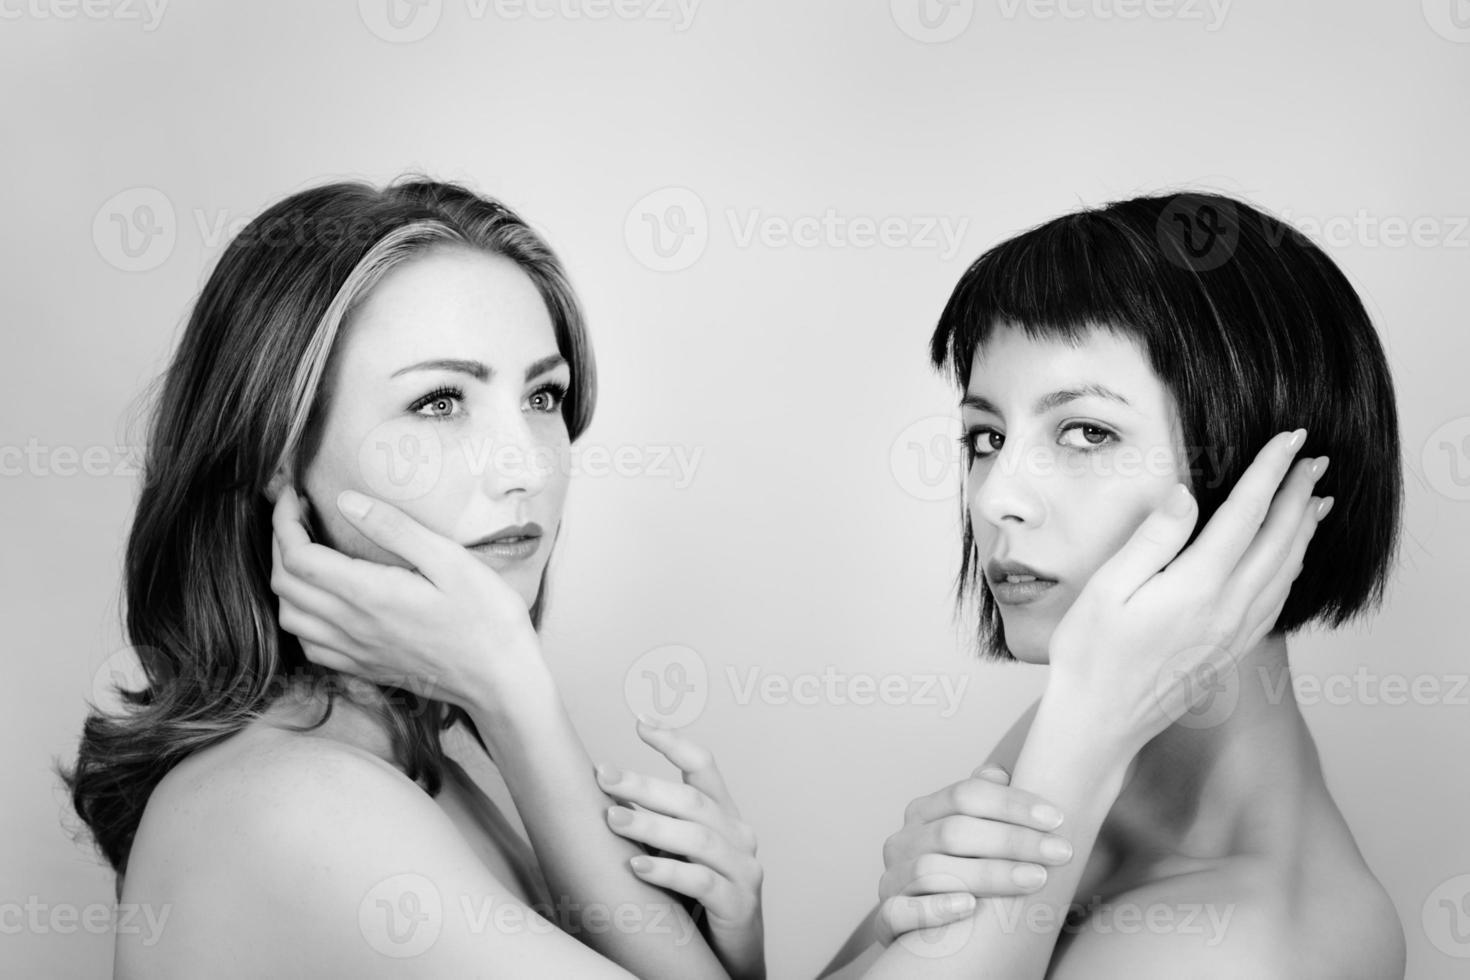 due donne foto